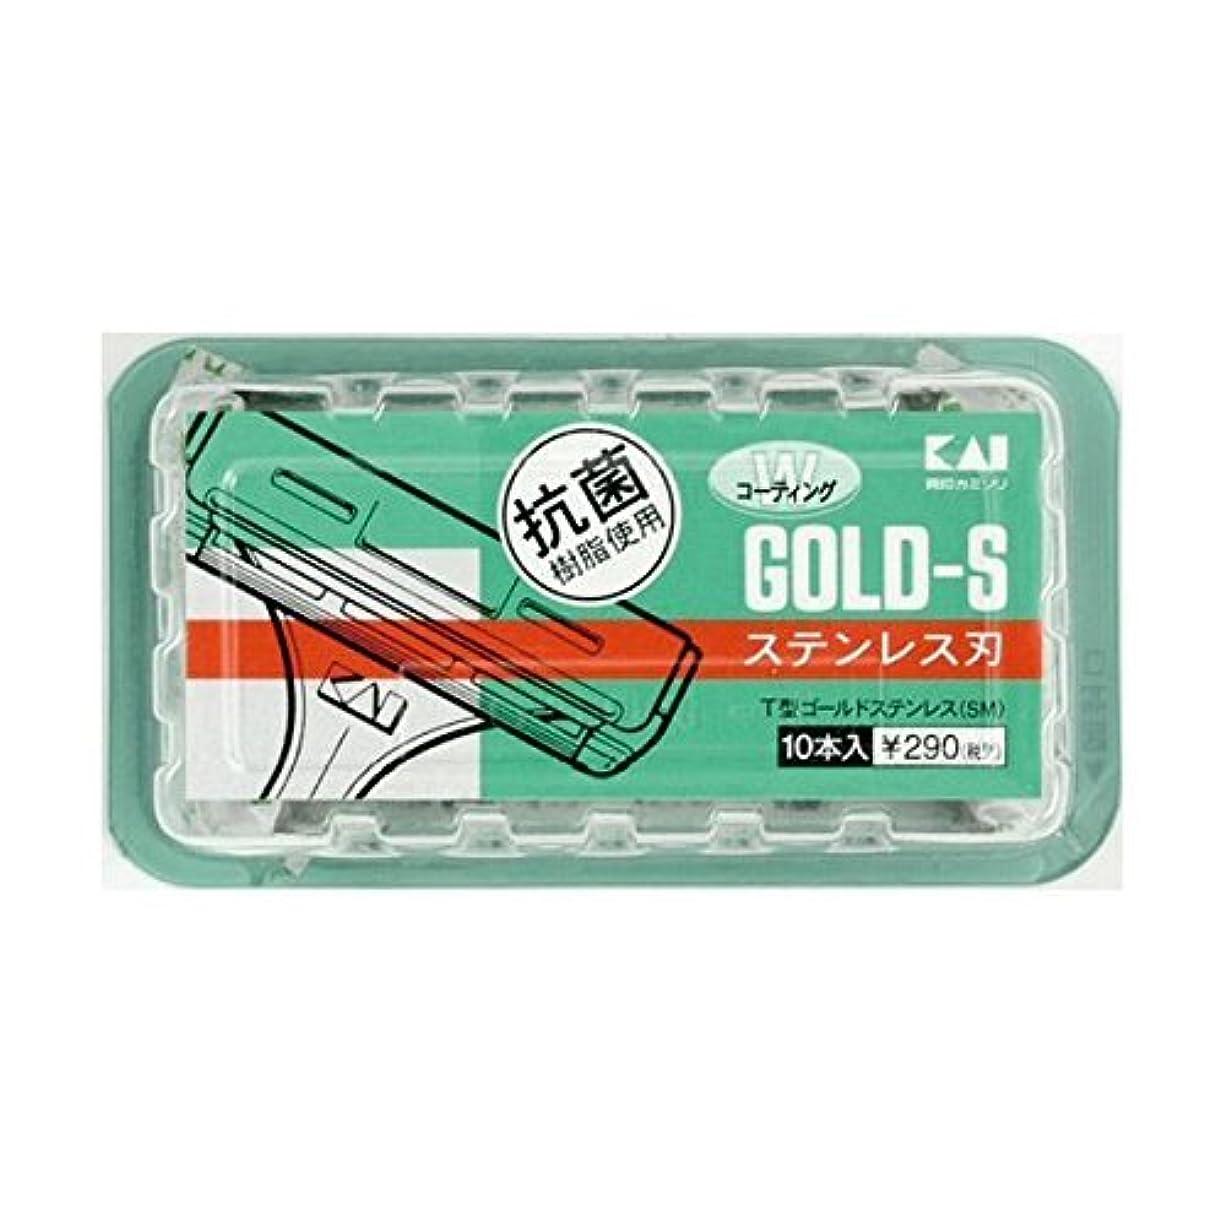 釈義ブラケット奇跡貝印 (業務用20セット) T型ゴールドステンレスSM10本